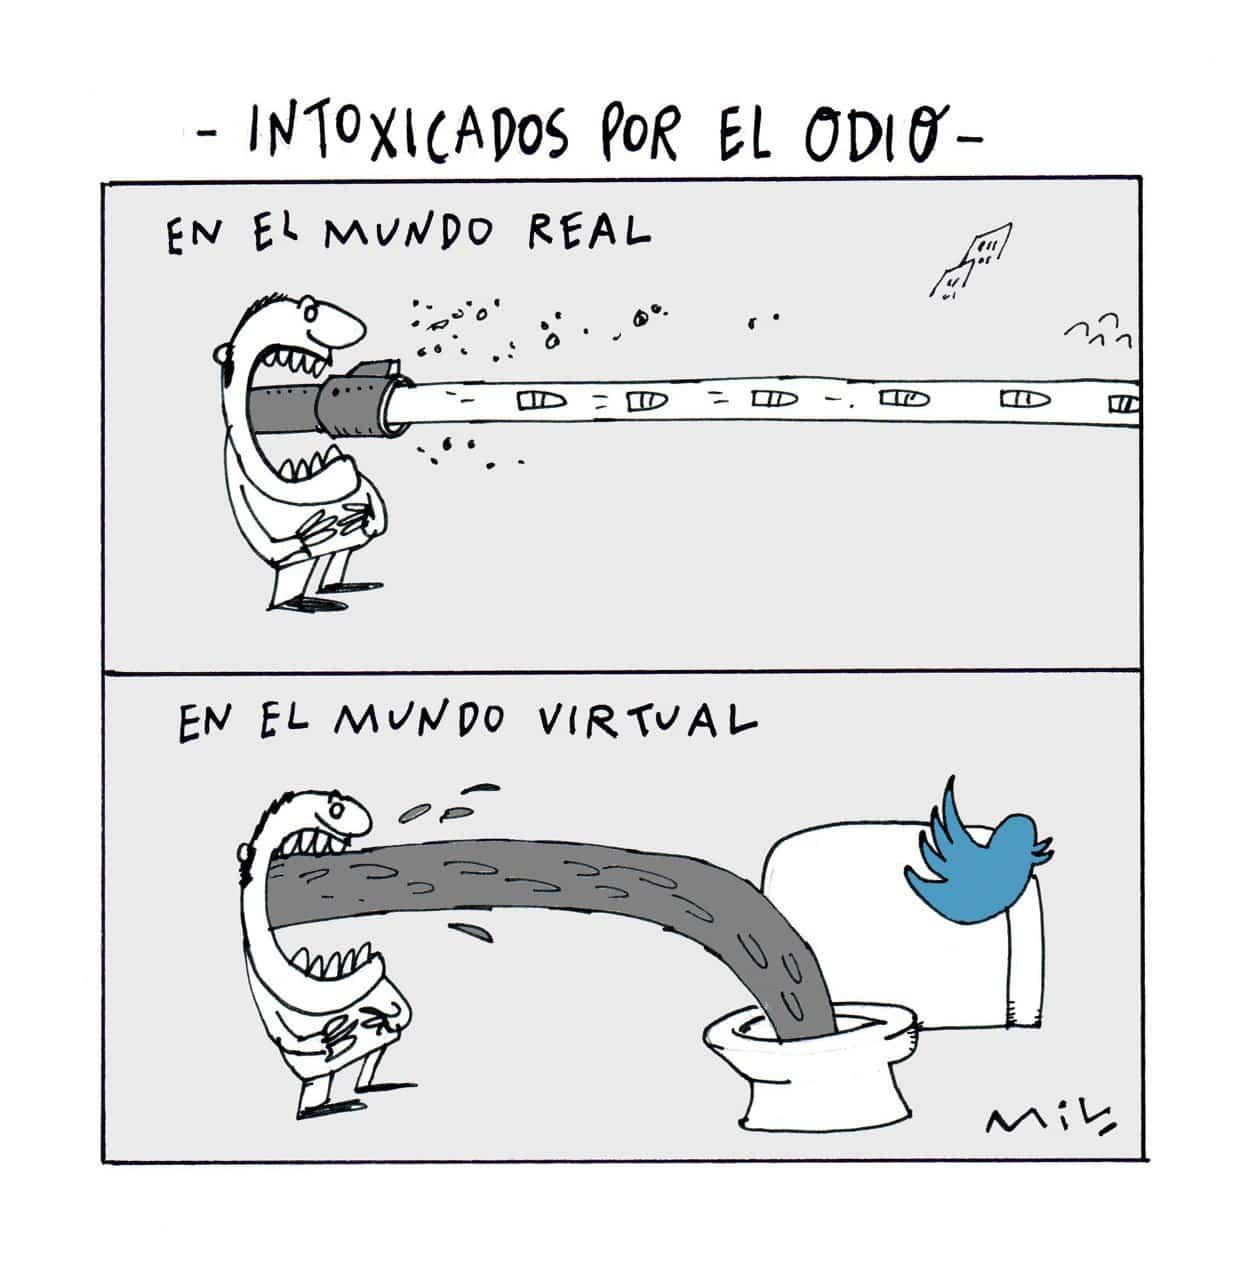 Intoxicados por el odio - #Caricatura7días 1